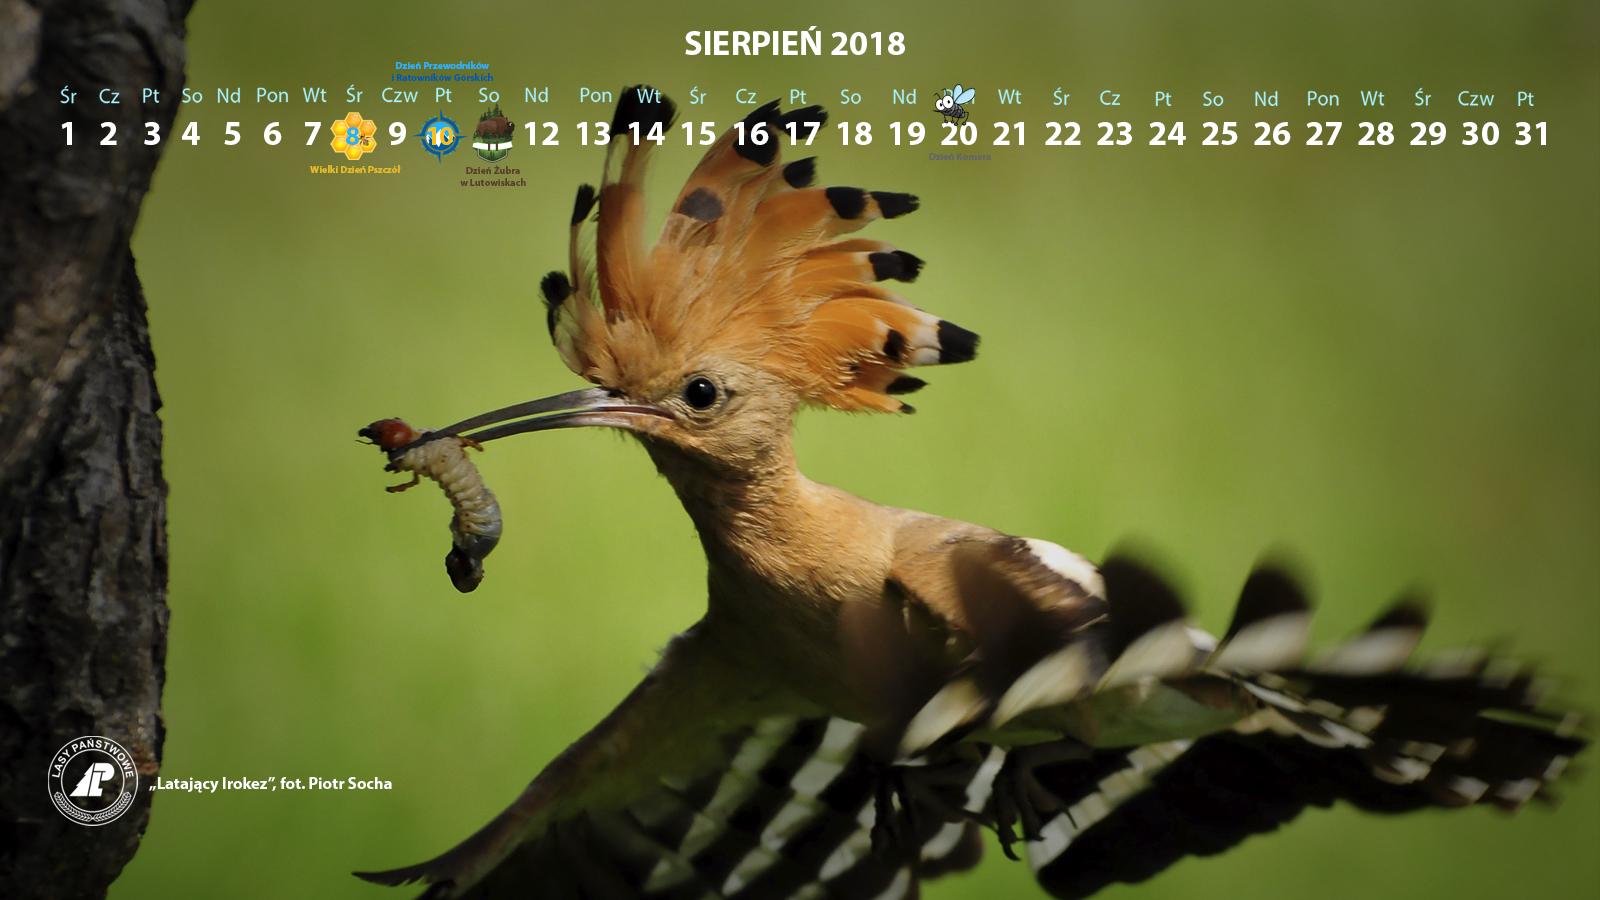 Kalendarz sierpień 2018 1600x900.jpg